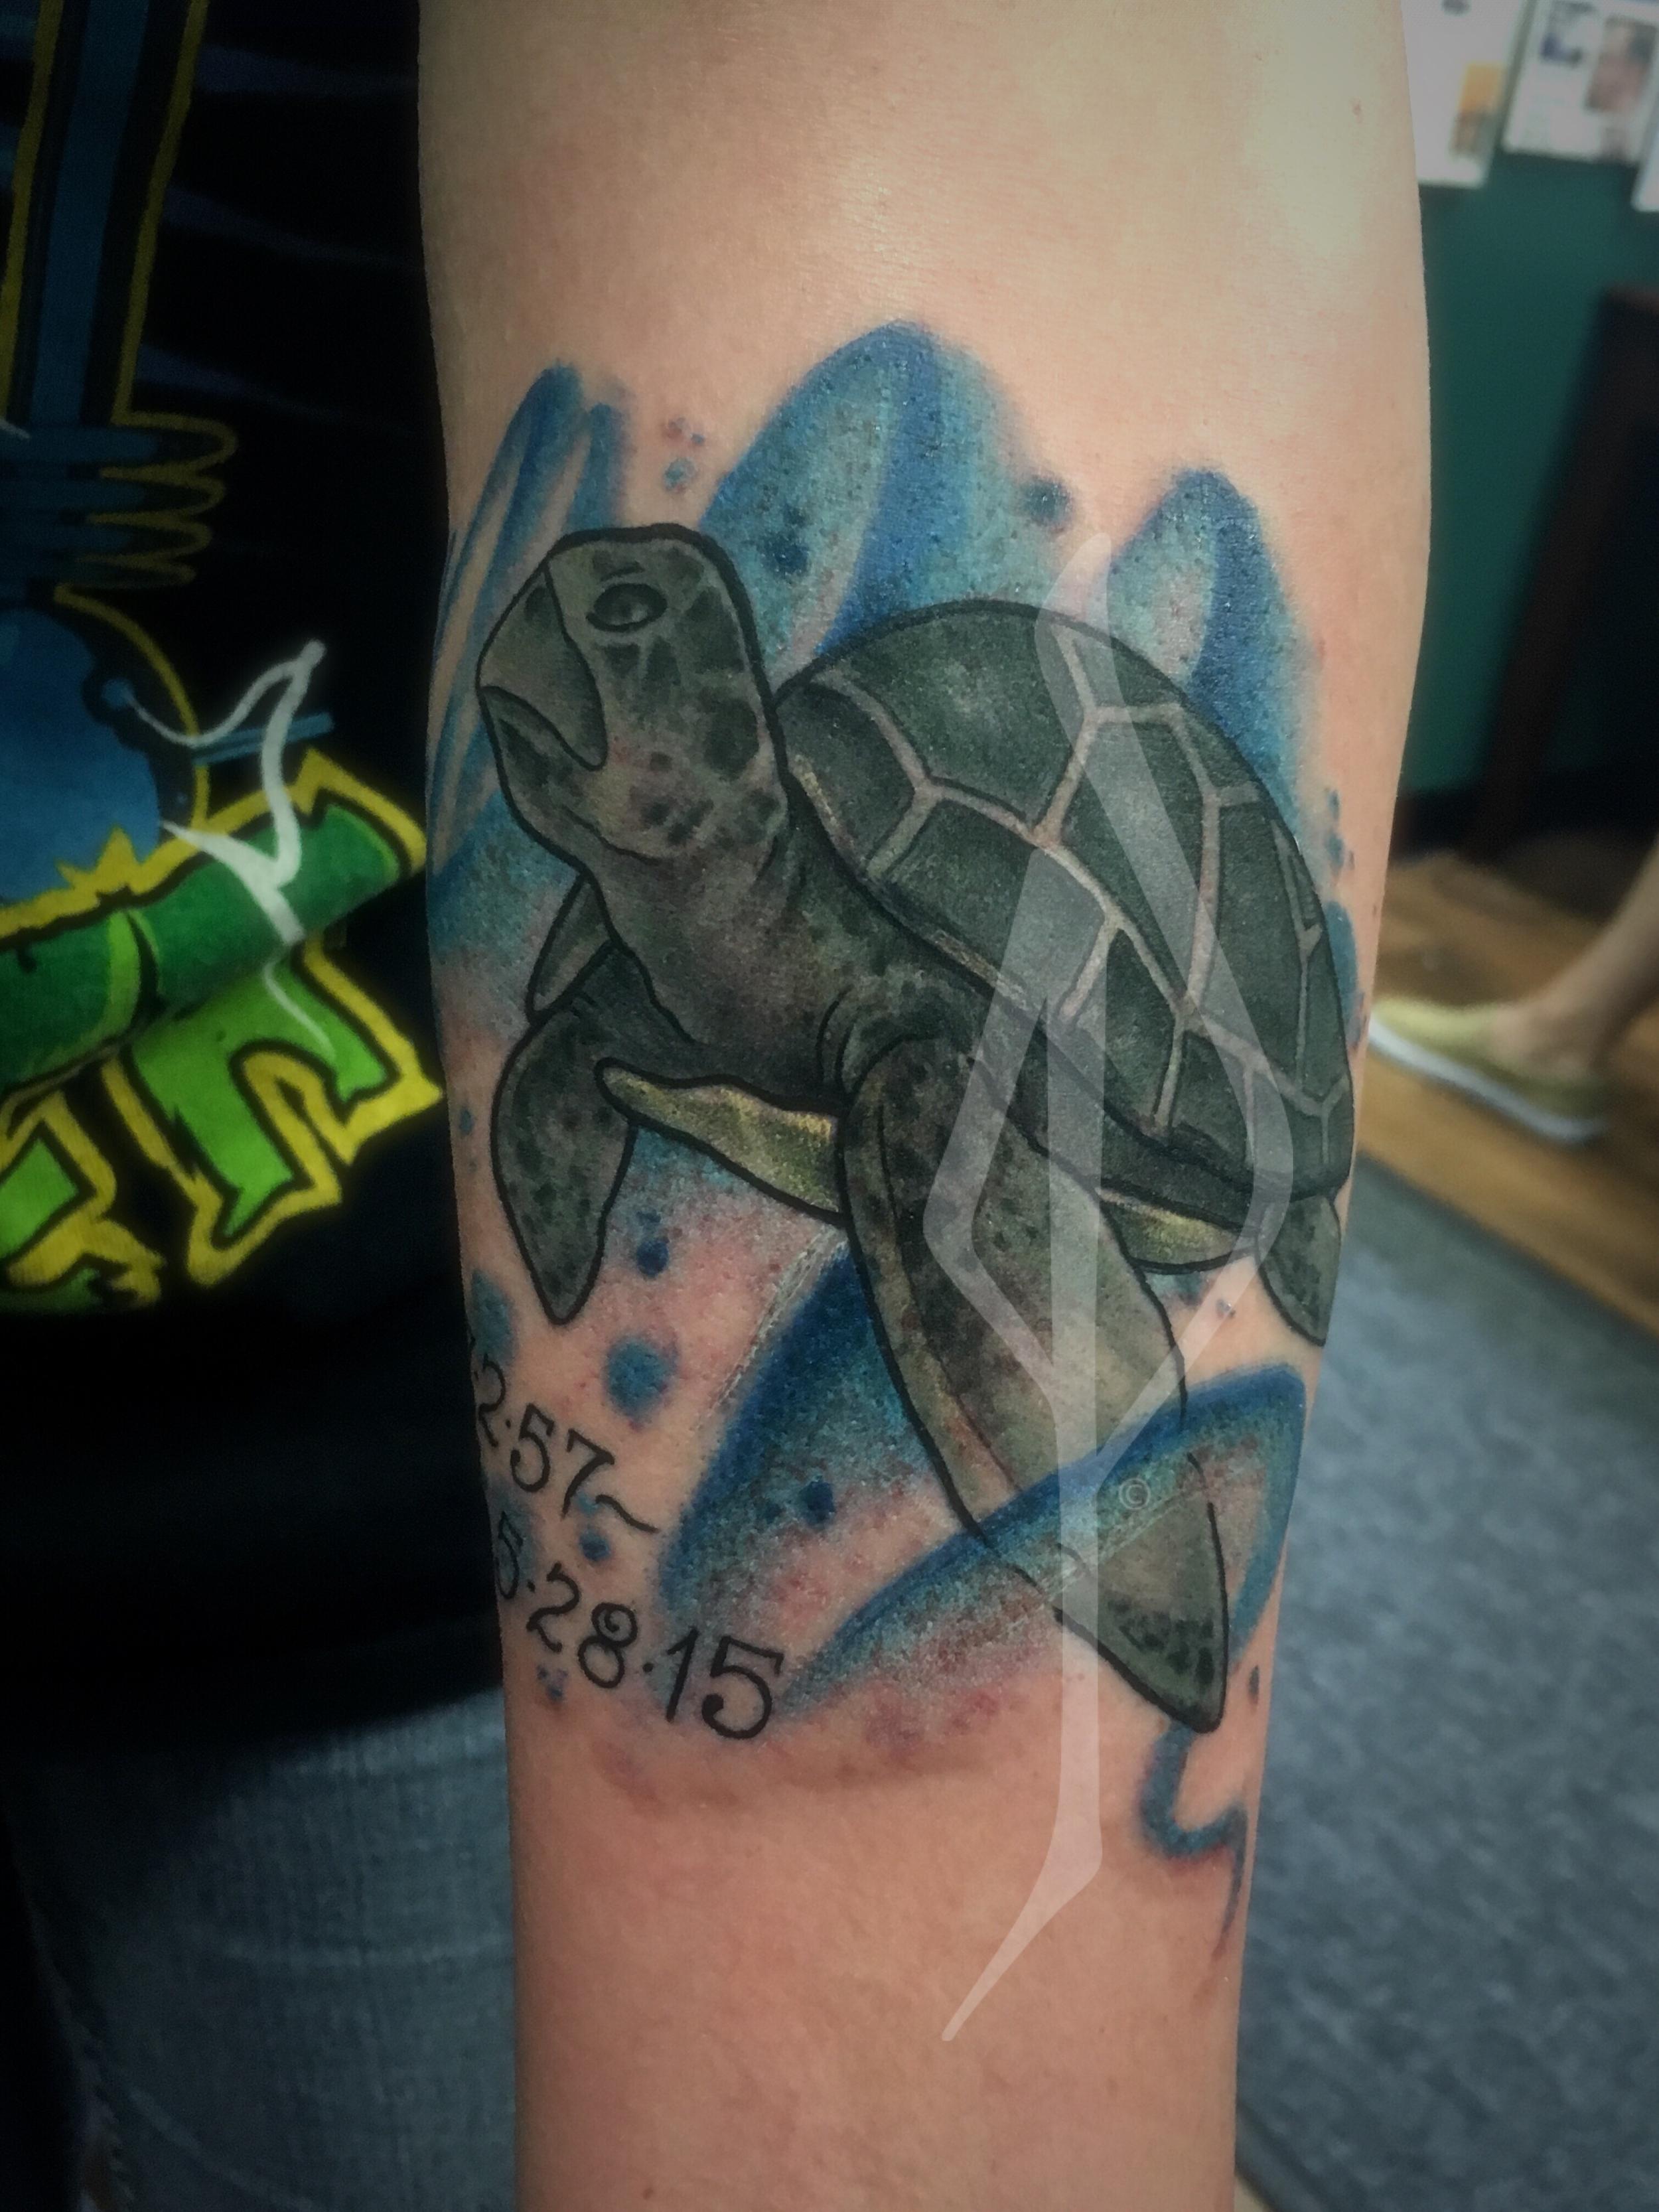 Turtle Tattoo by Jon Poulson - Aloha Salt Lake Tattoos